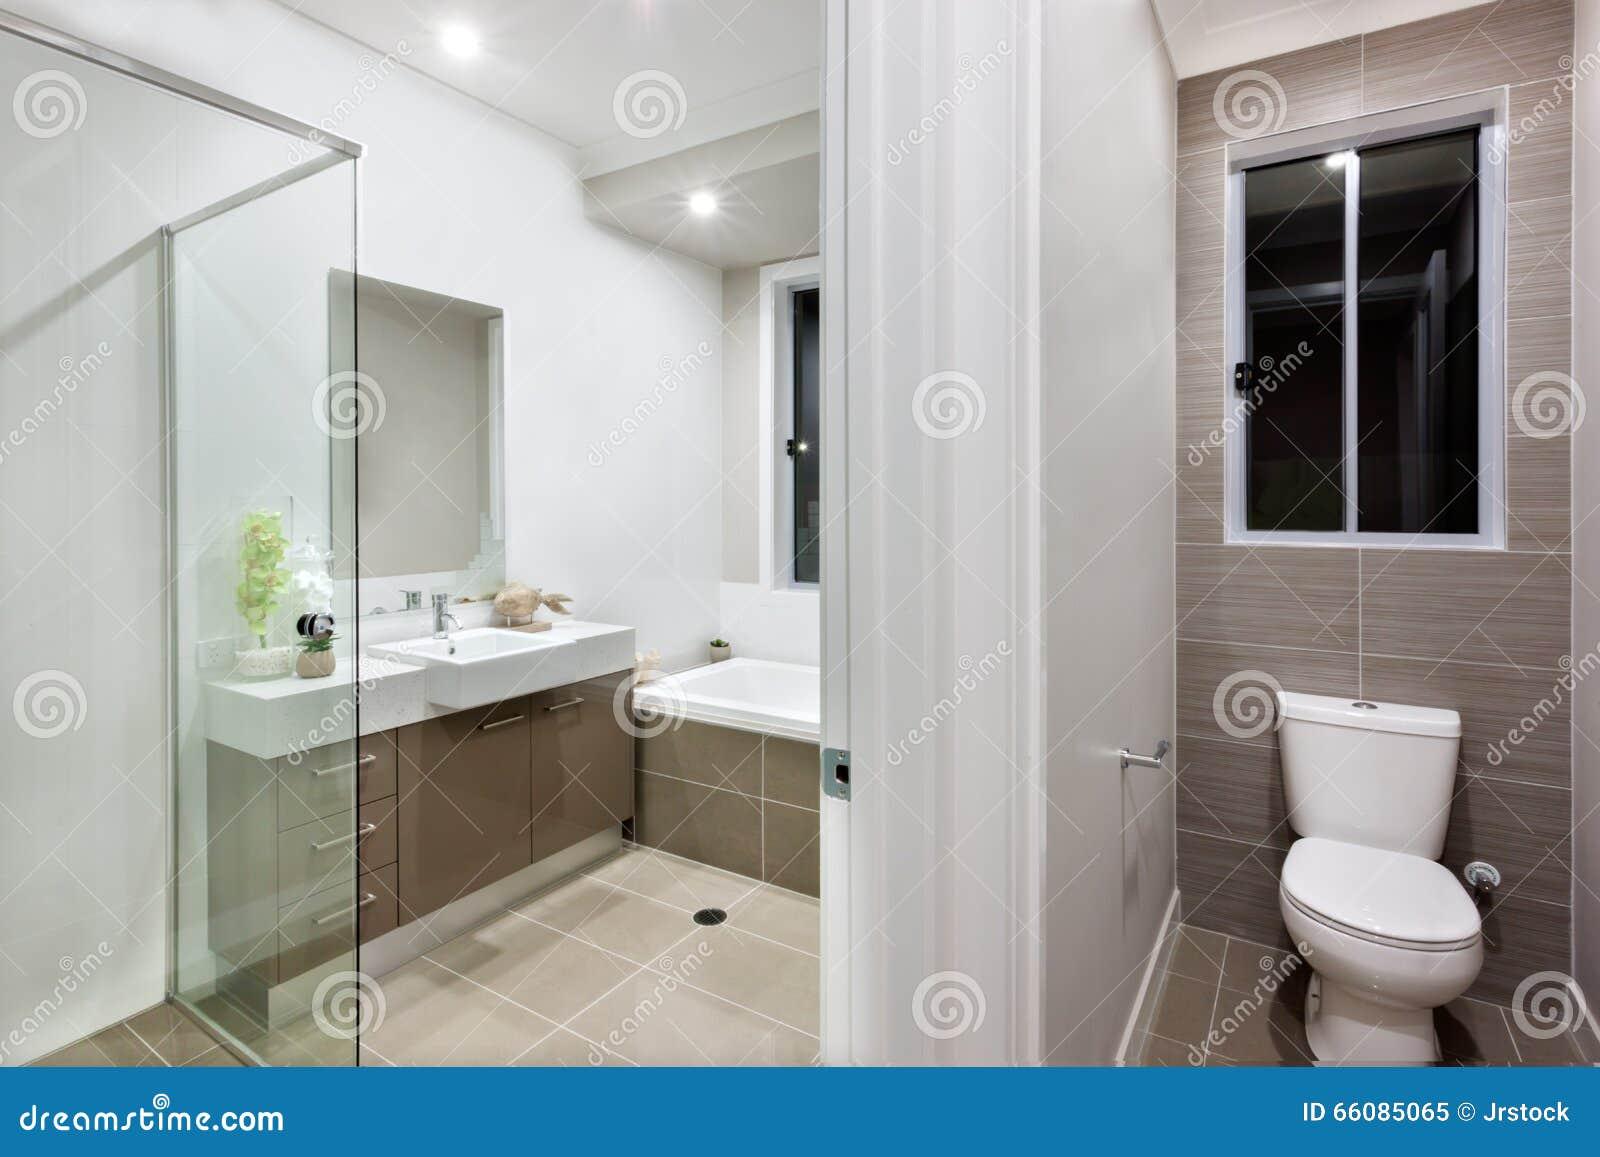 Salle De Bains Moderne Avec La Toilette Image stock - Image ...